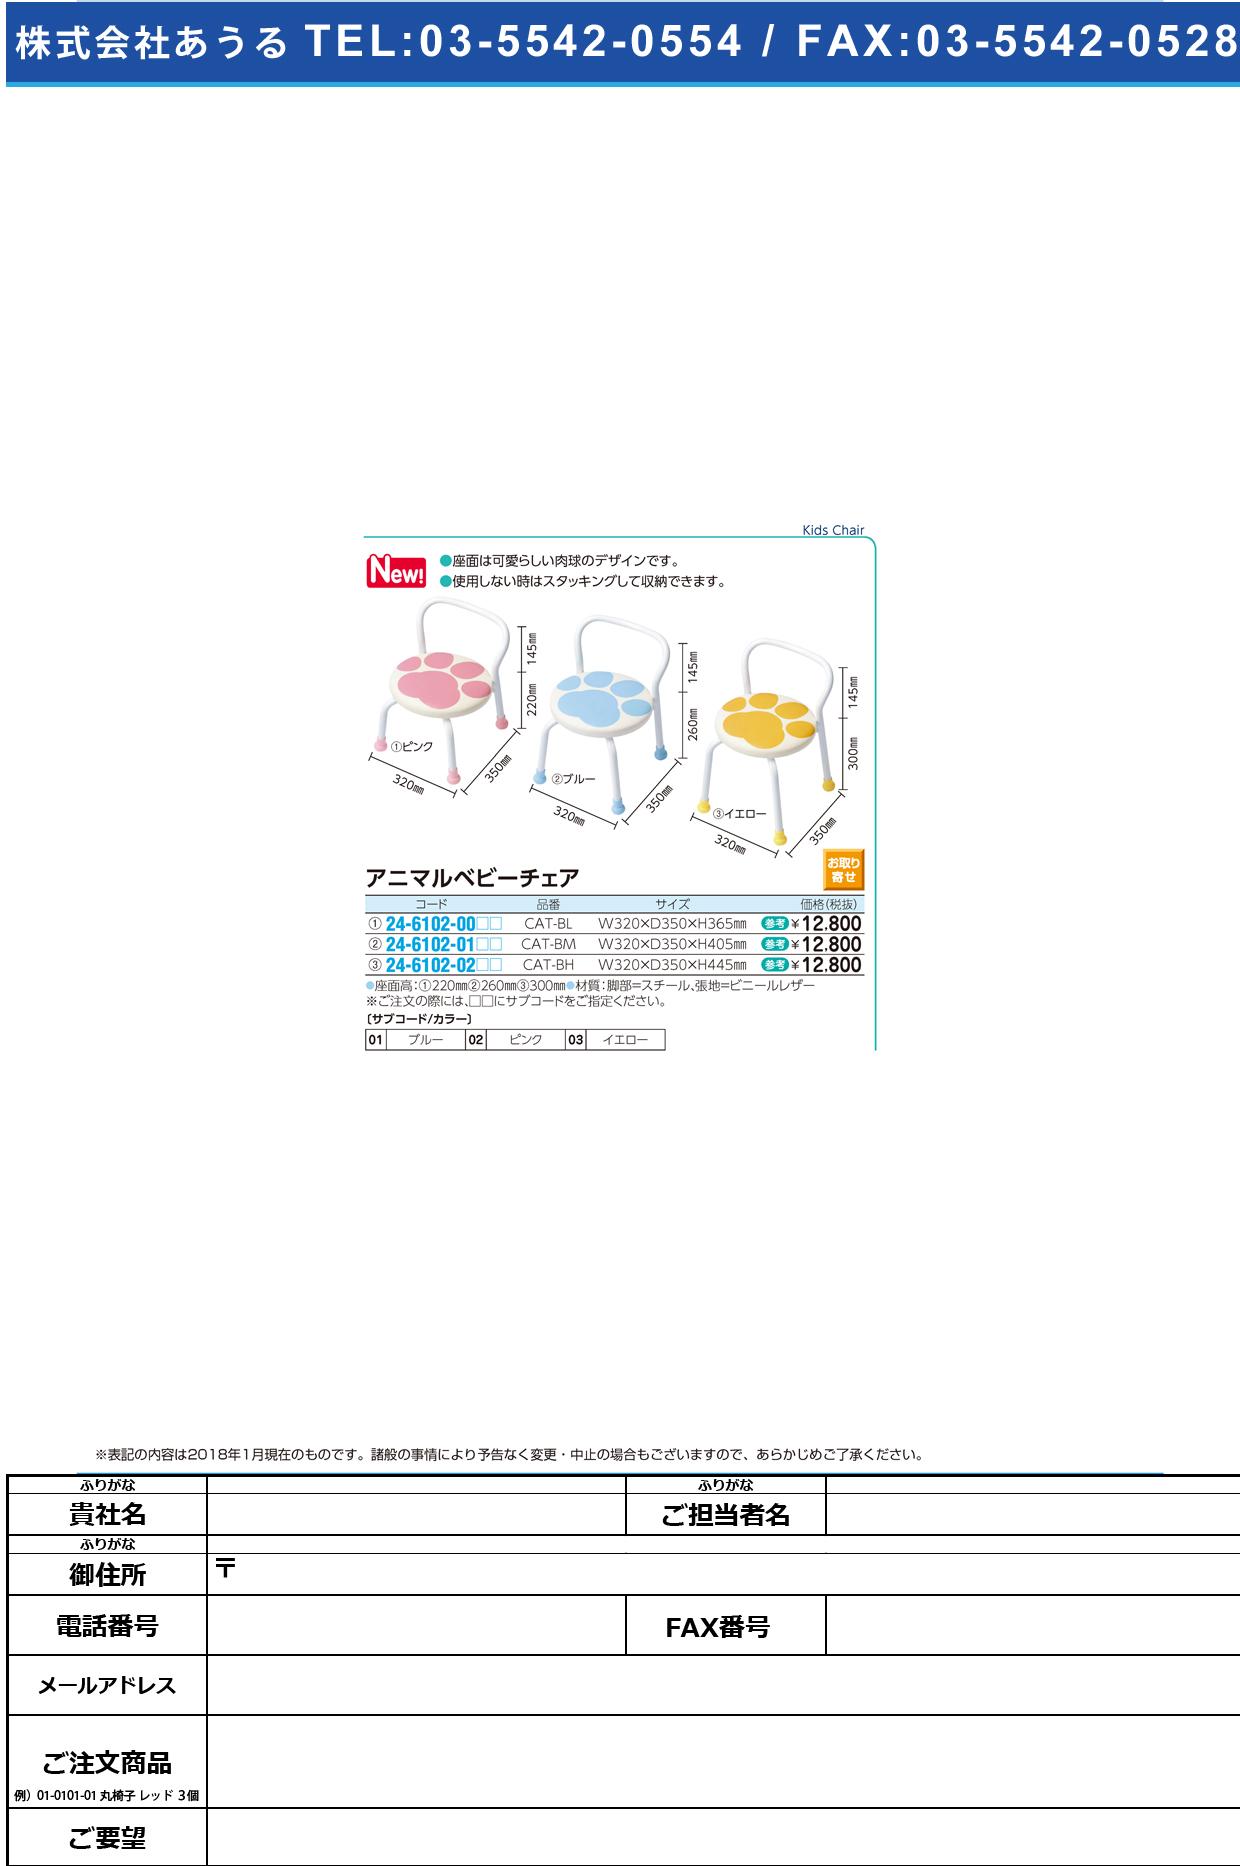 (24-6102-00)アニマルベビーチェア CAT-BL(32X35X36.5CM アニマルベビーチェア ブルー【1台単位】【2018年カタログ商品】